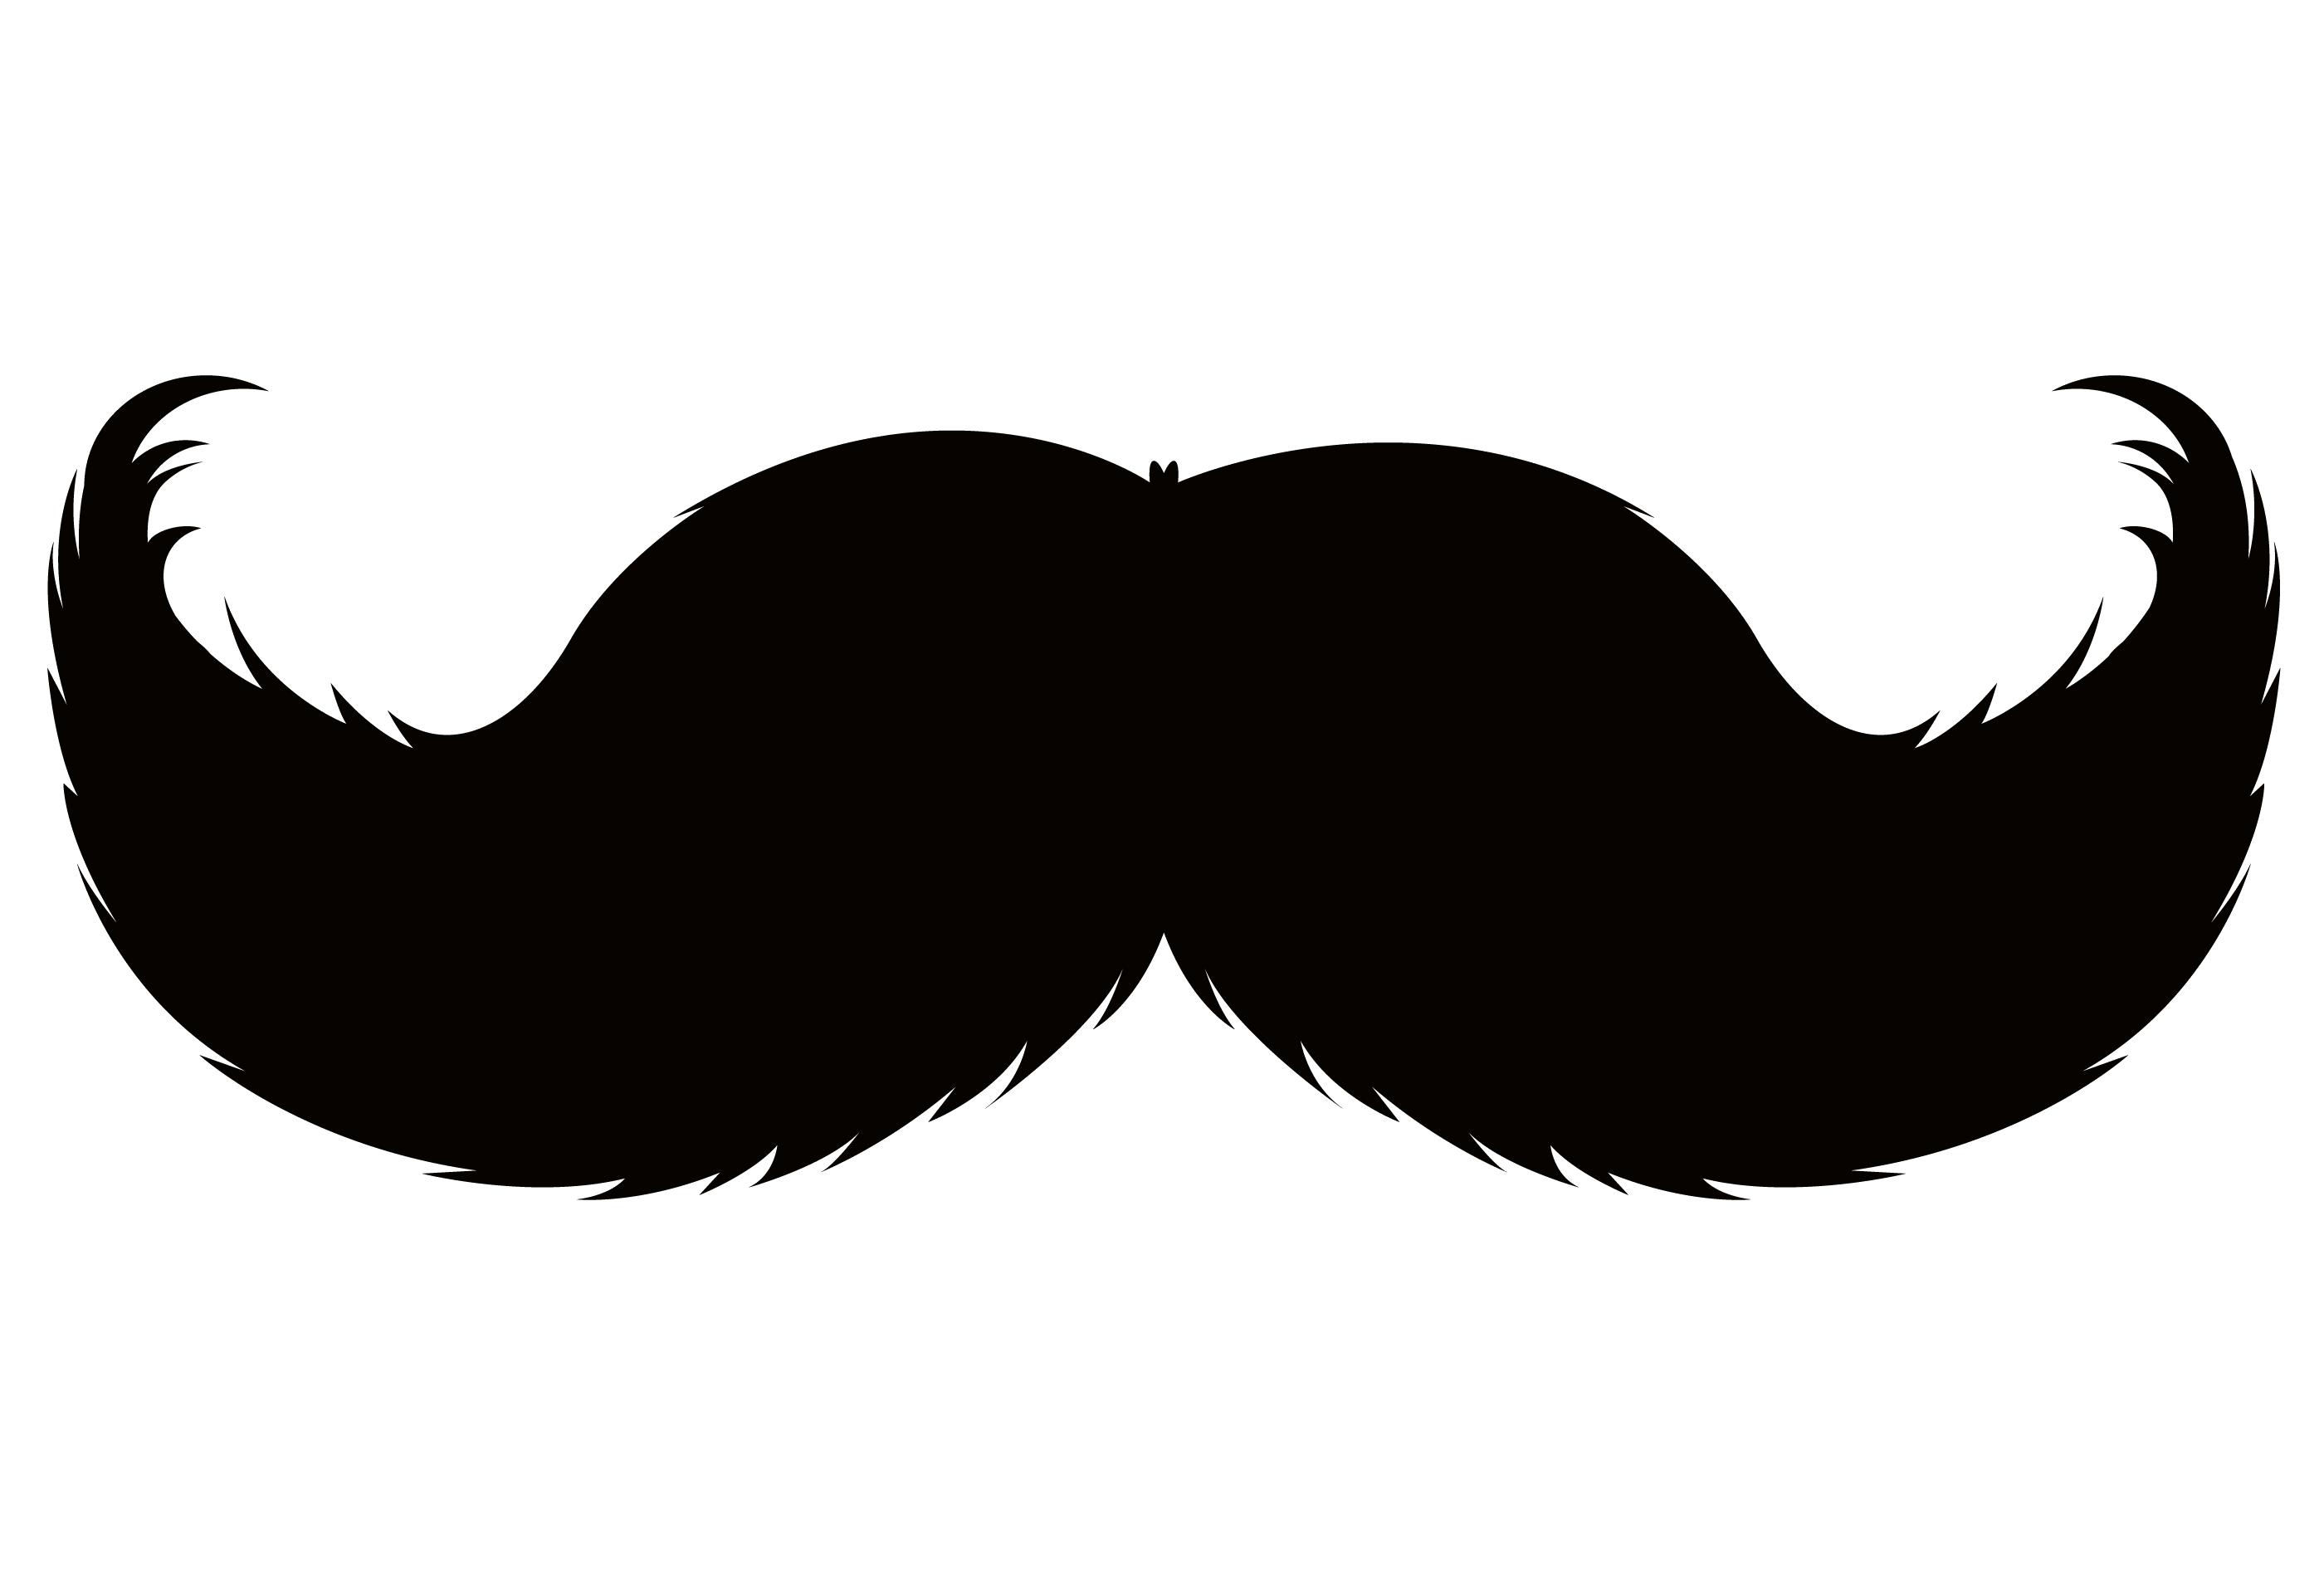 Handlebar clipart jpg Handlebar moustache Pencil moustache Beard Clip art - beard and ... jpg